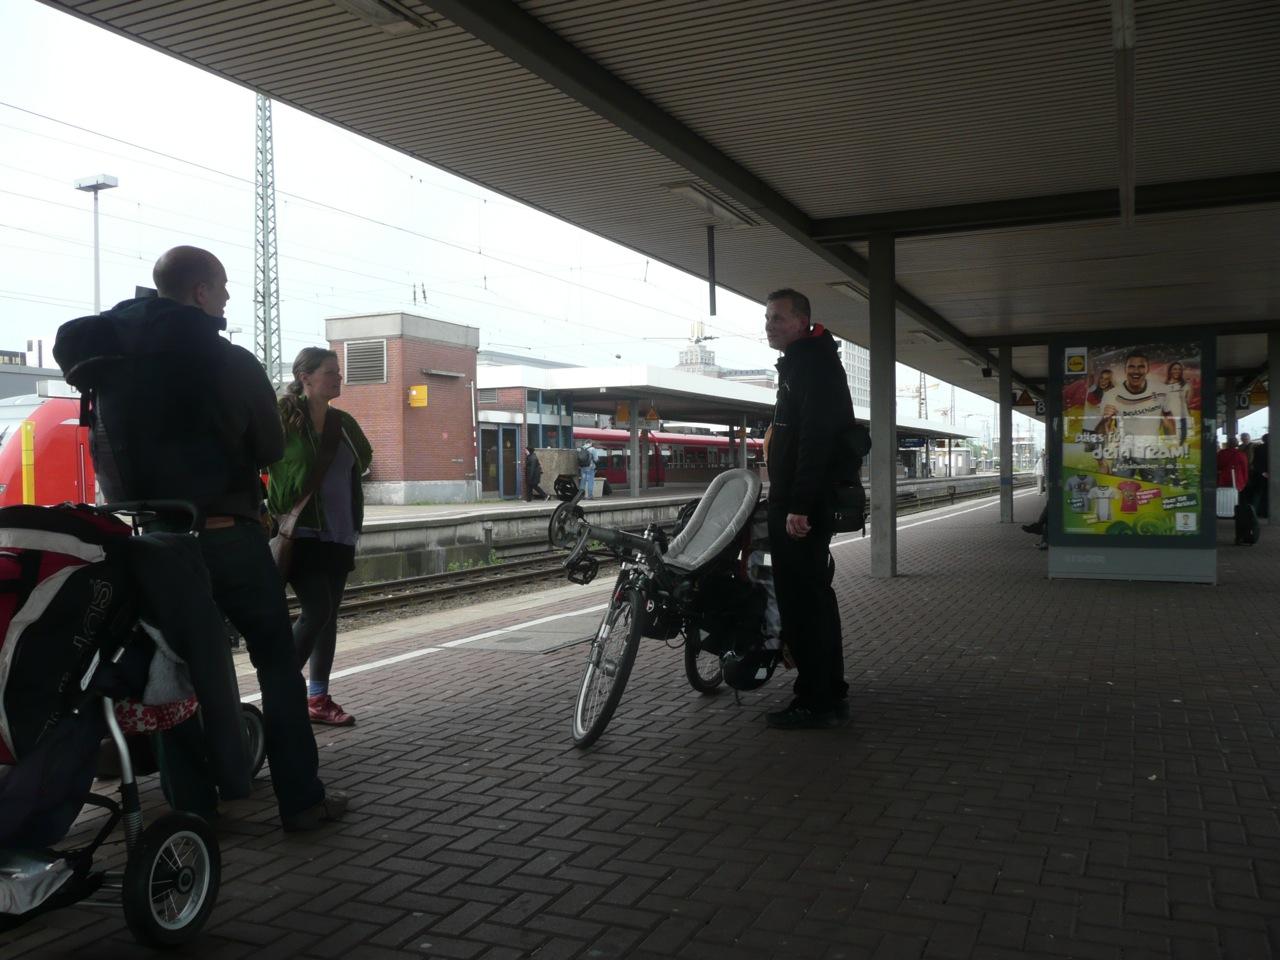 Warten auf den Zug nach Osnabrück / waiting for the trrain to Osnabrück